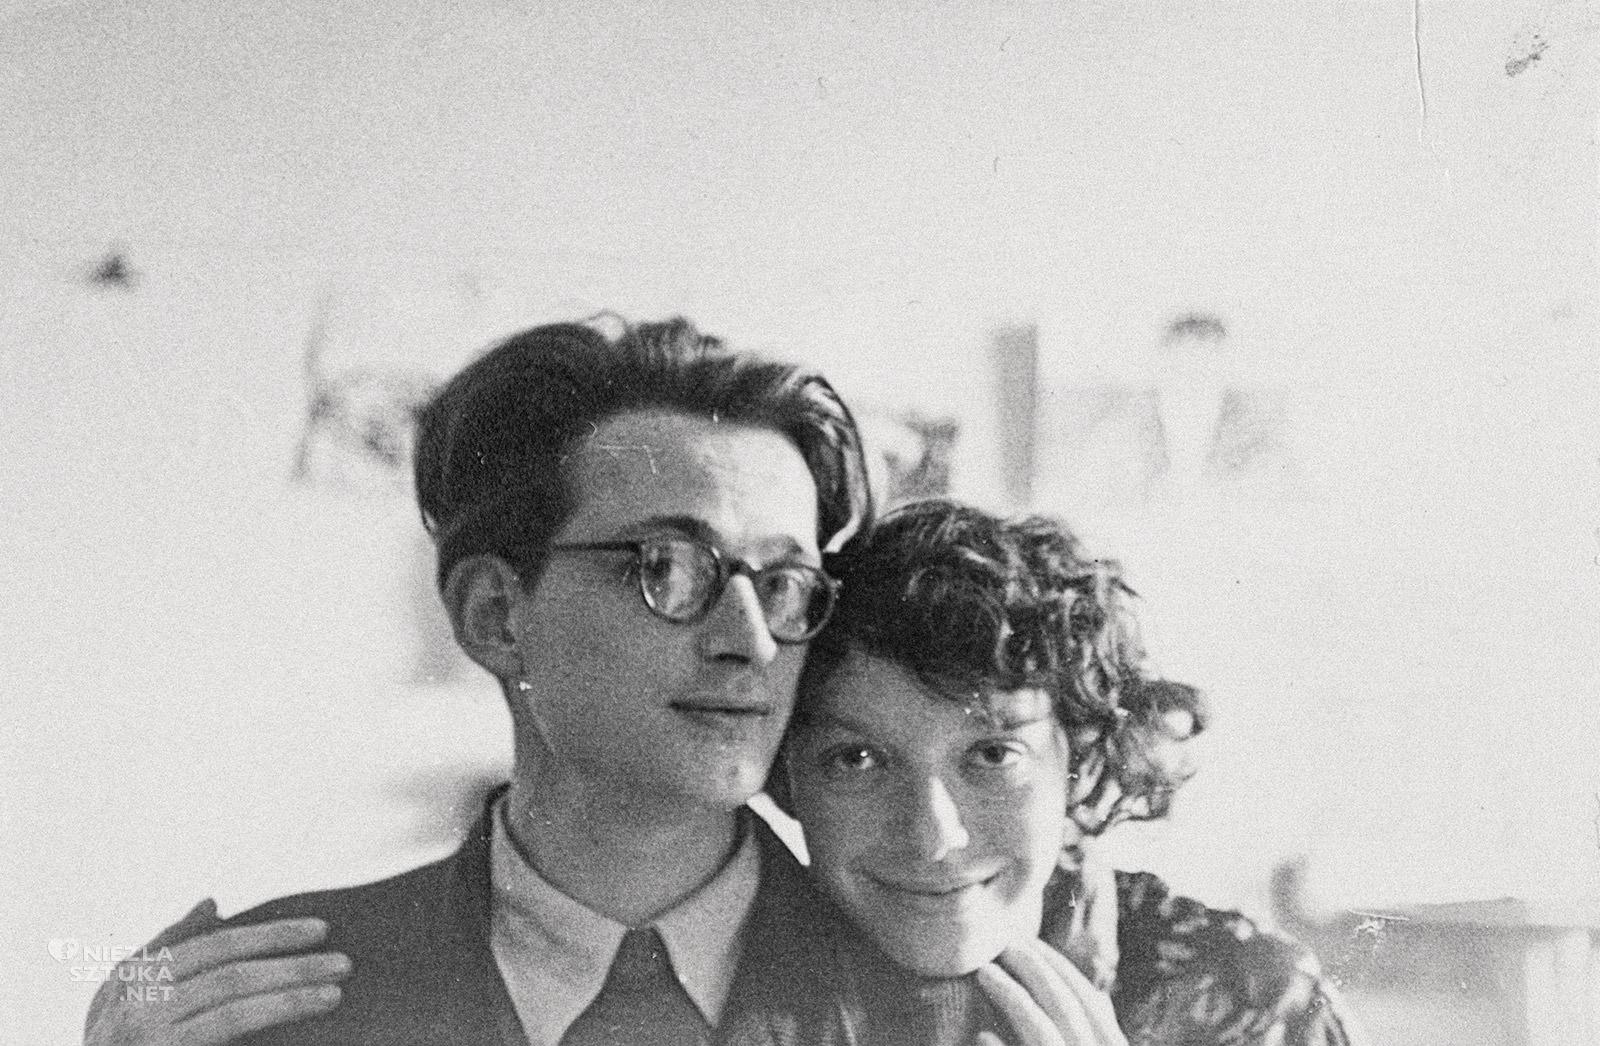 Andrzej Wróblewski, Autoportret z żoną, fotografia, artysta, sztuka polska, XX wiek, Niezła Sztuka